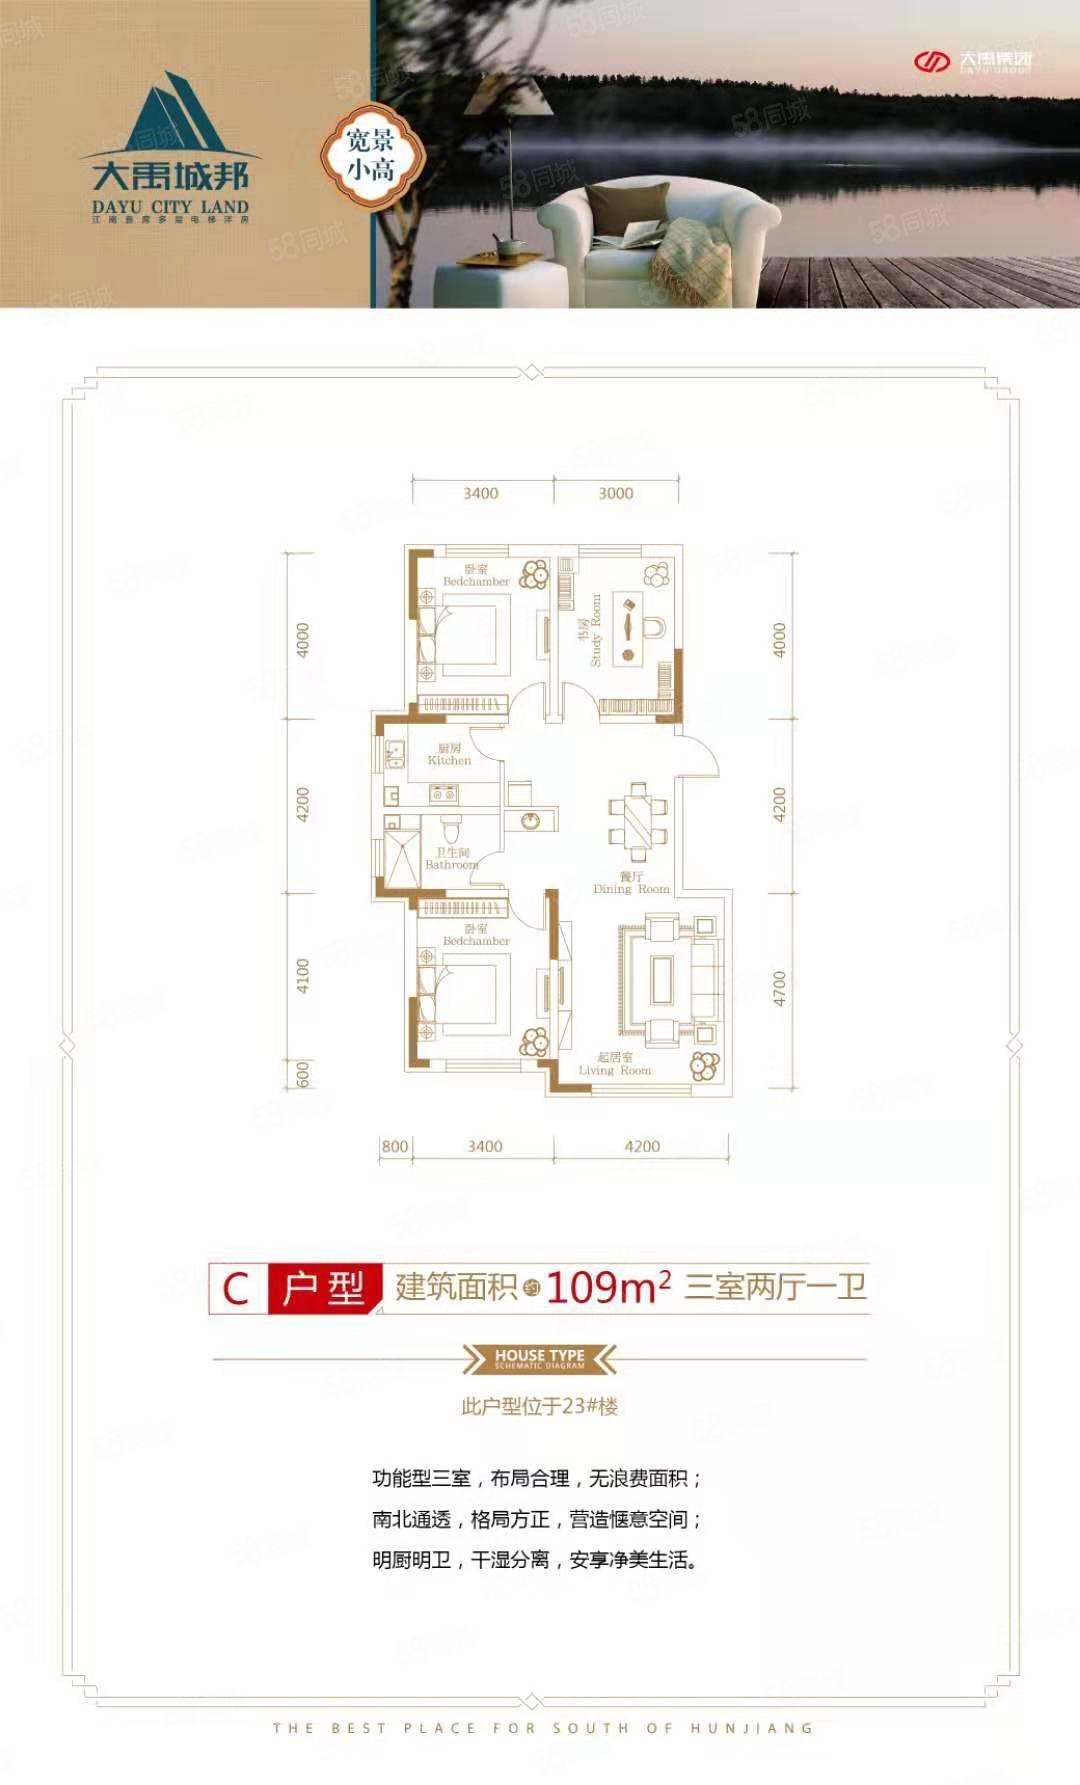 江南大禹城邦新开盘23号楼中间楼层可按揭,只有一套,抓紧看房